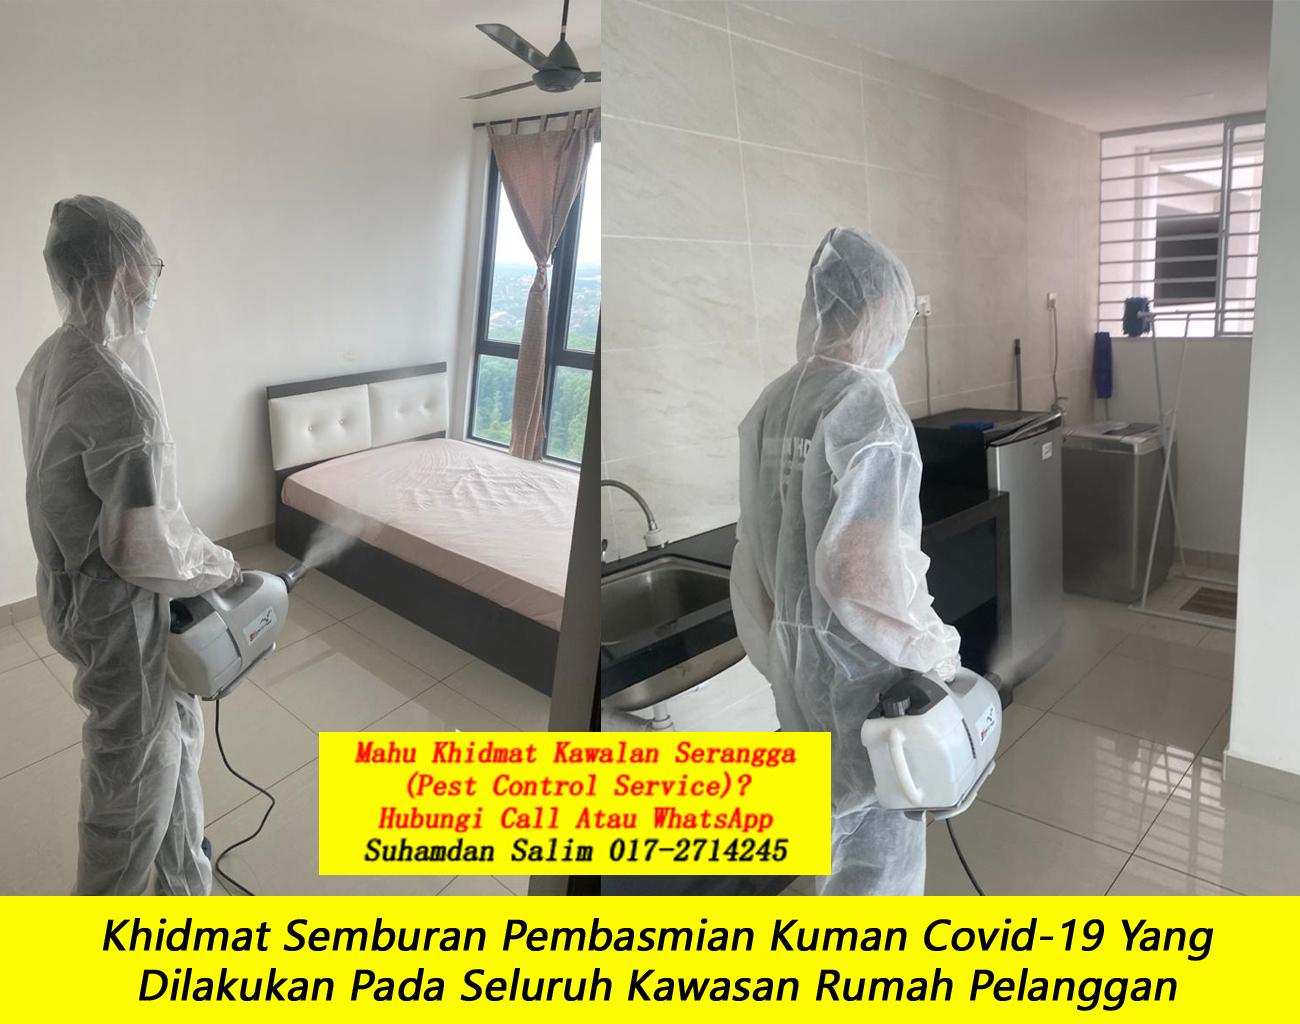 khidmat sanitizing membasmi kuman Covid-19 Disinfection Service semburan sanitize covid 19 paling berkesan dengan harga berpatutan the best service covid-19 seri menanti negeri sembilan felda